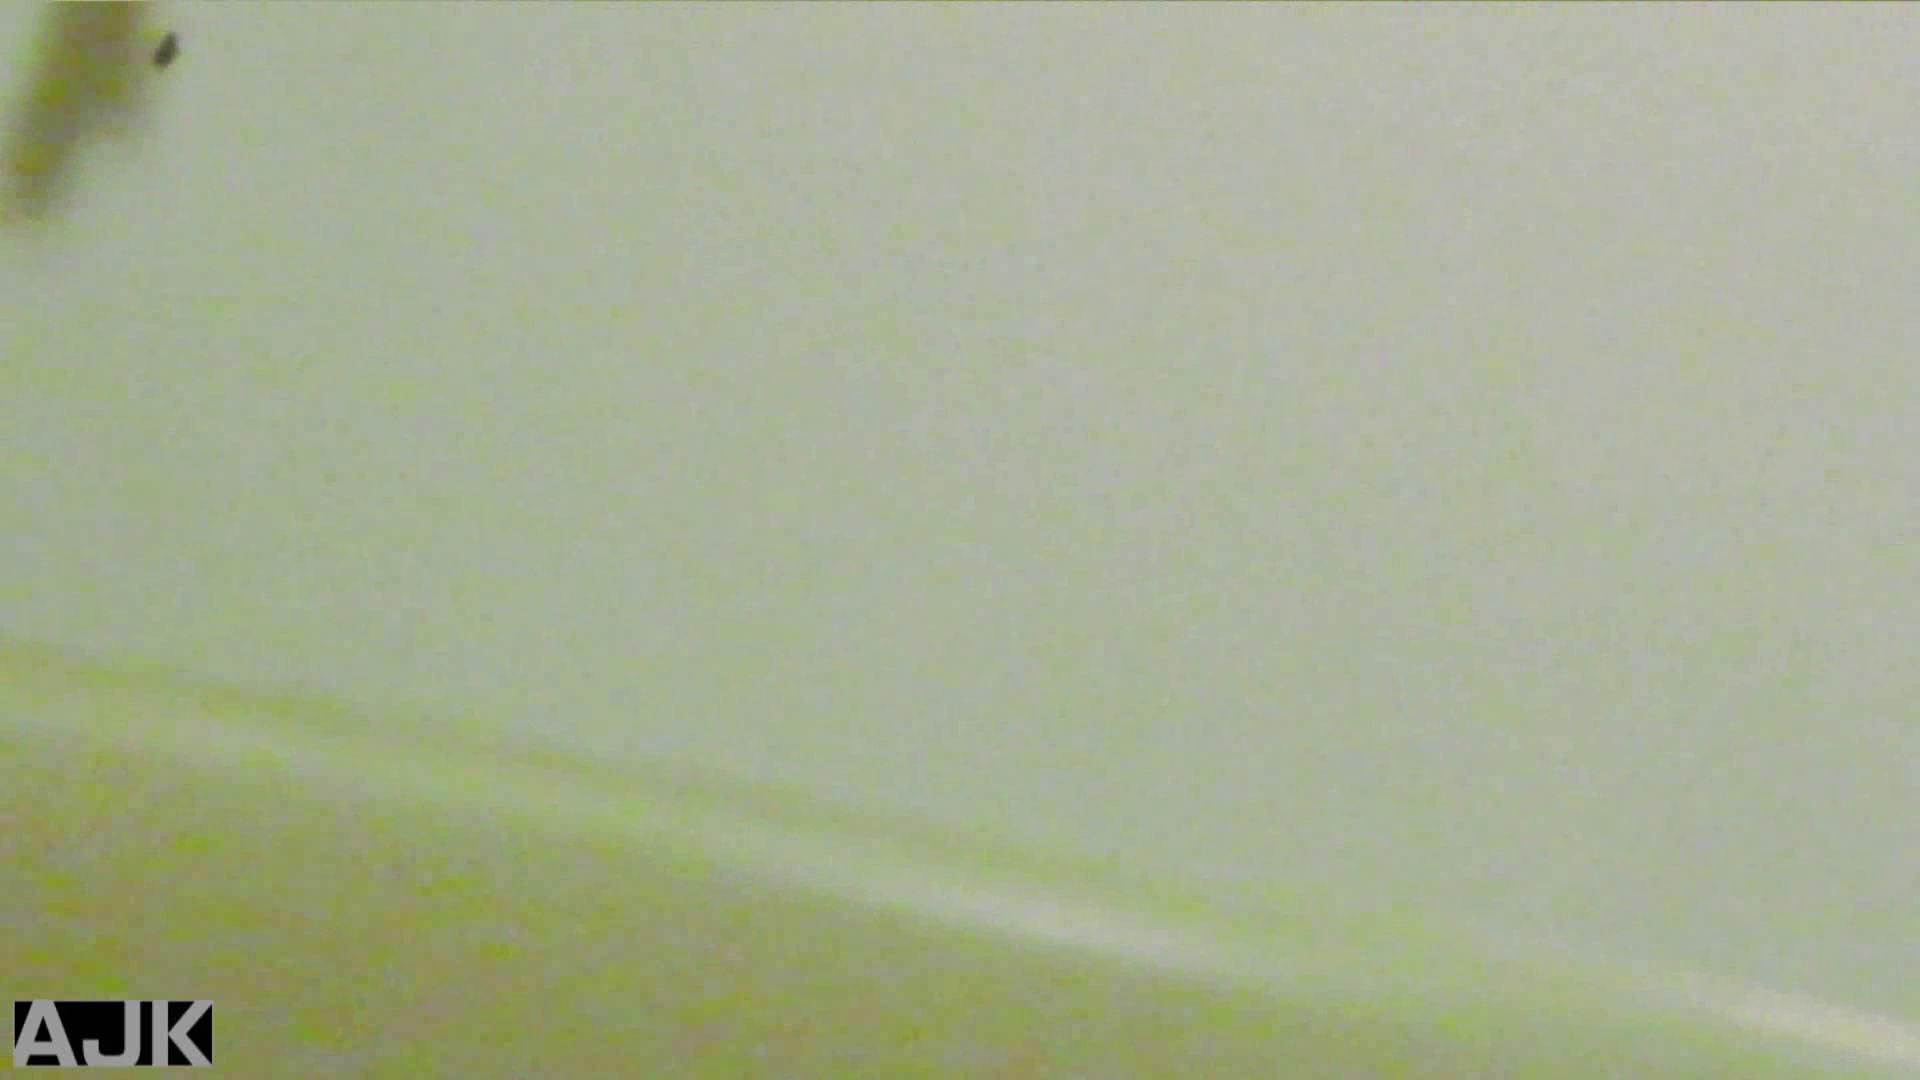 隣国上階級エリアの令嬢たちが集うデパートお手洗い Vol.11 お手洗い  42連発 8